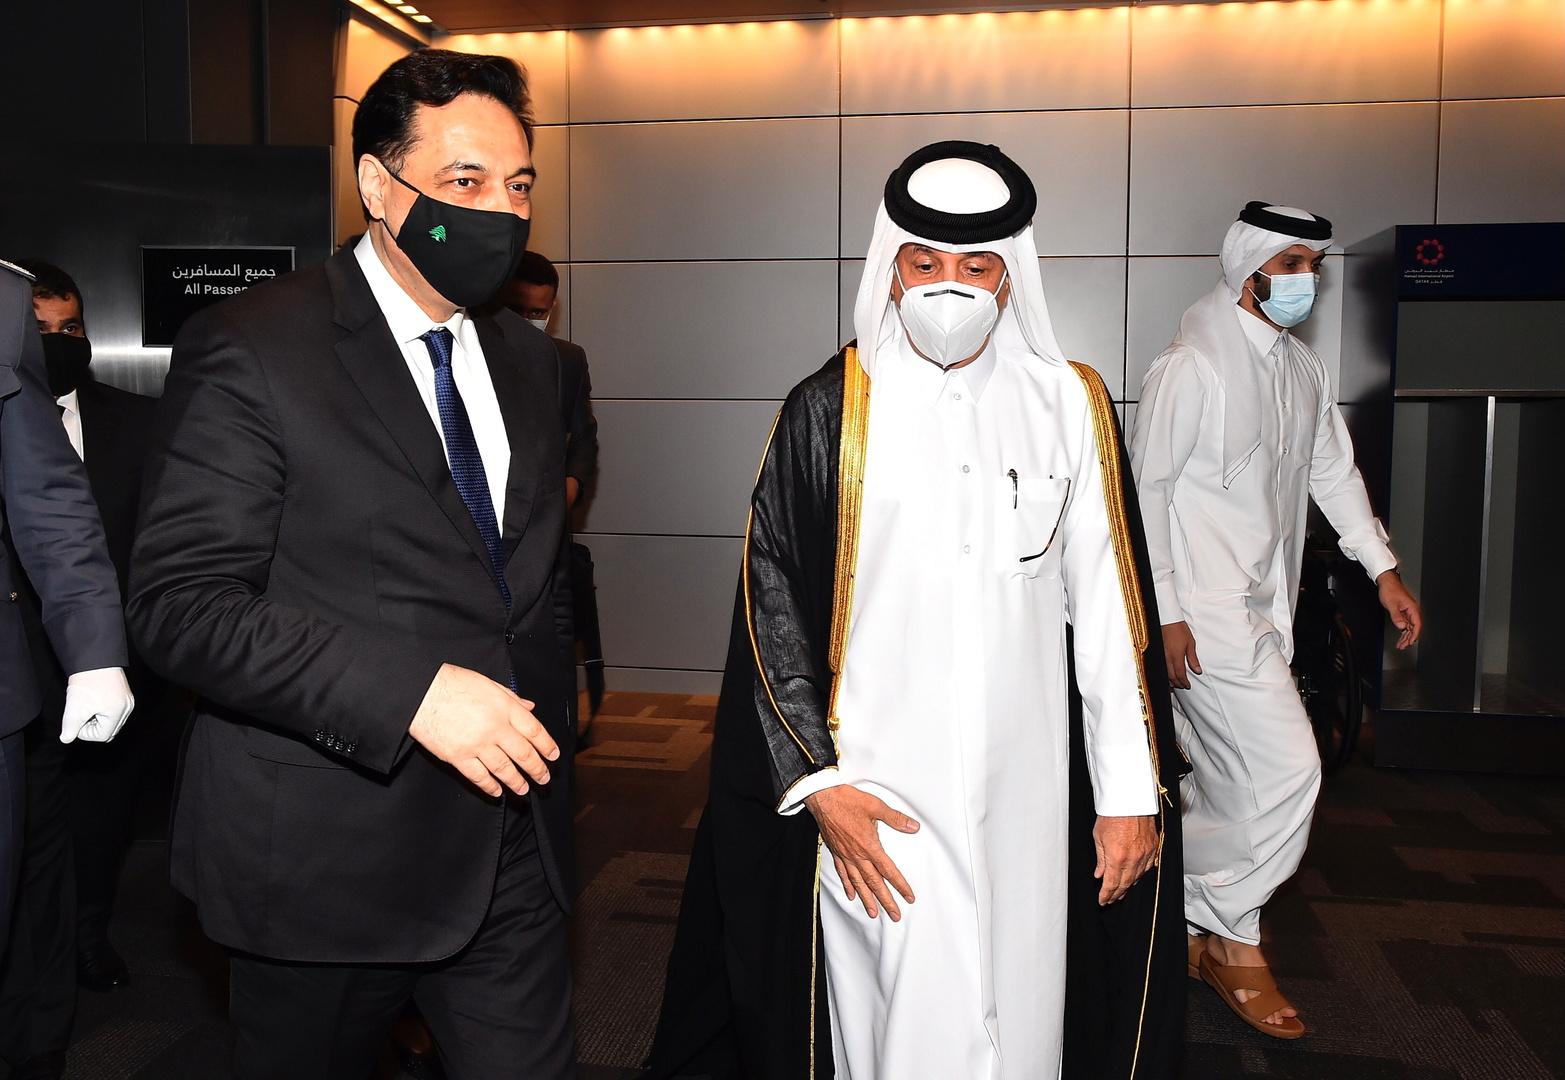 دياب خلال زيارته إلى قطر